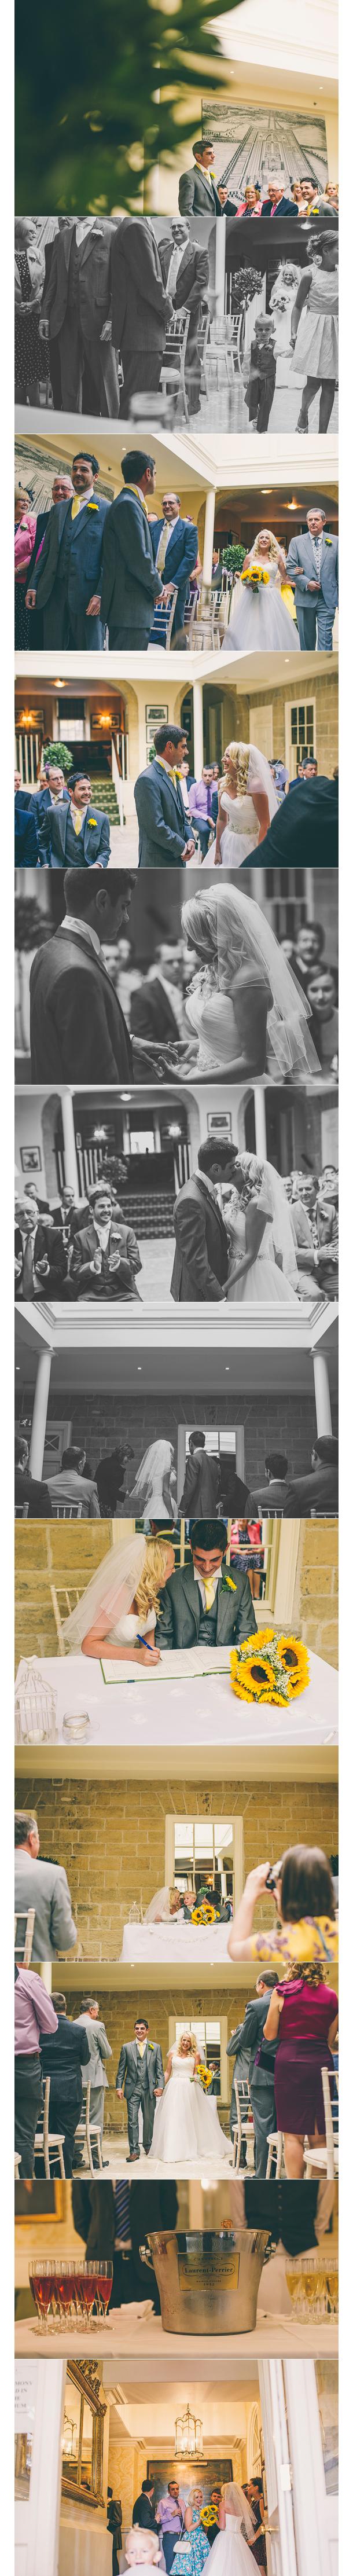 Scarborough-Wedding-Photographer-Malton-Wedding-Photography-The-Talbot-Naomi-&-Rik-Blog3